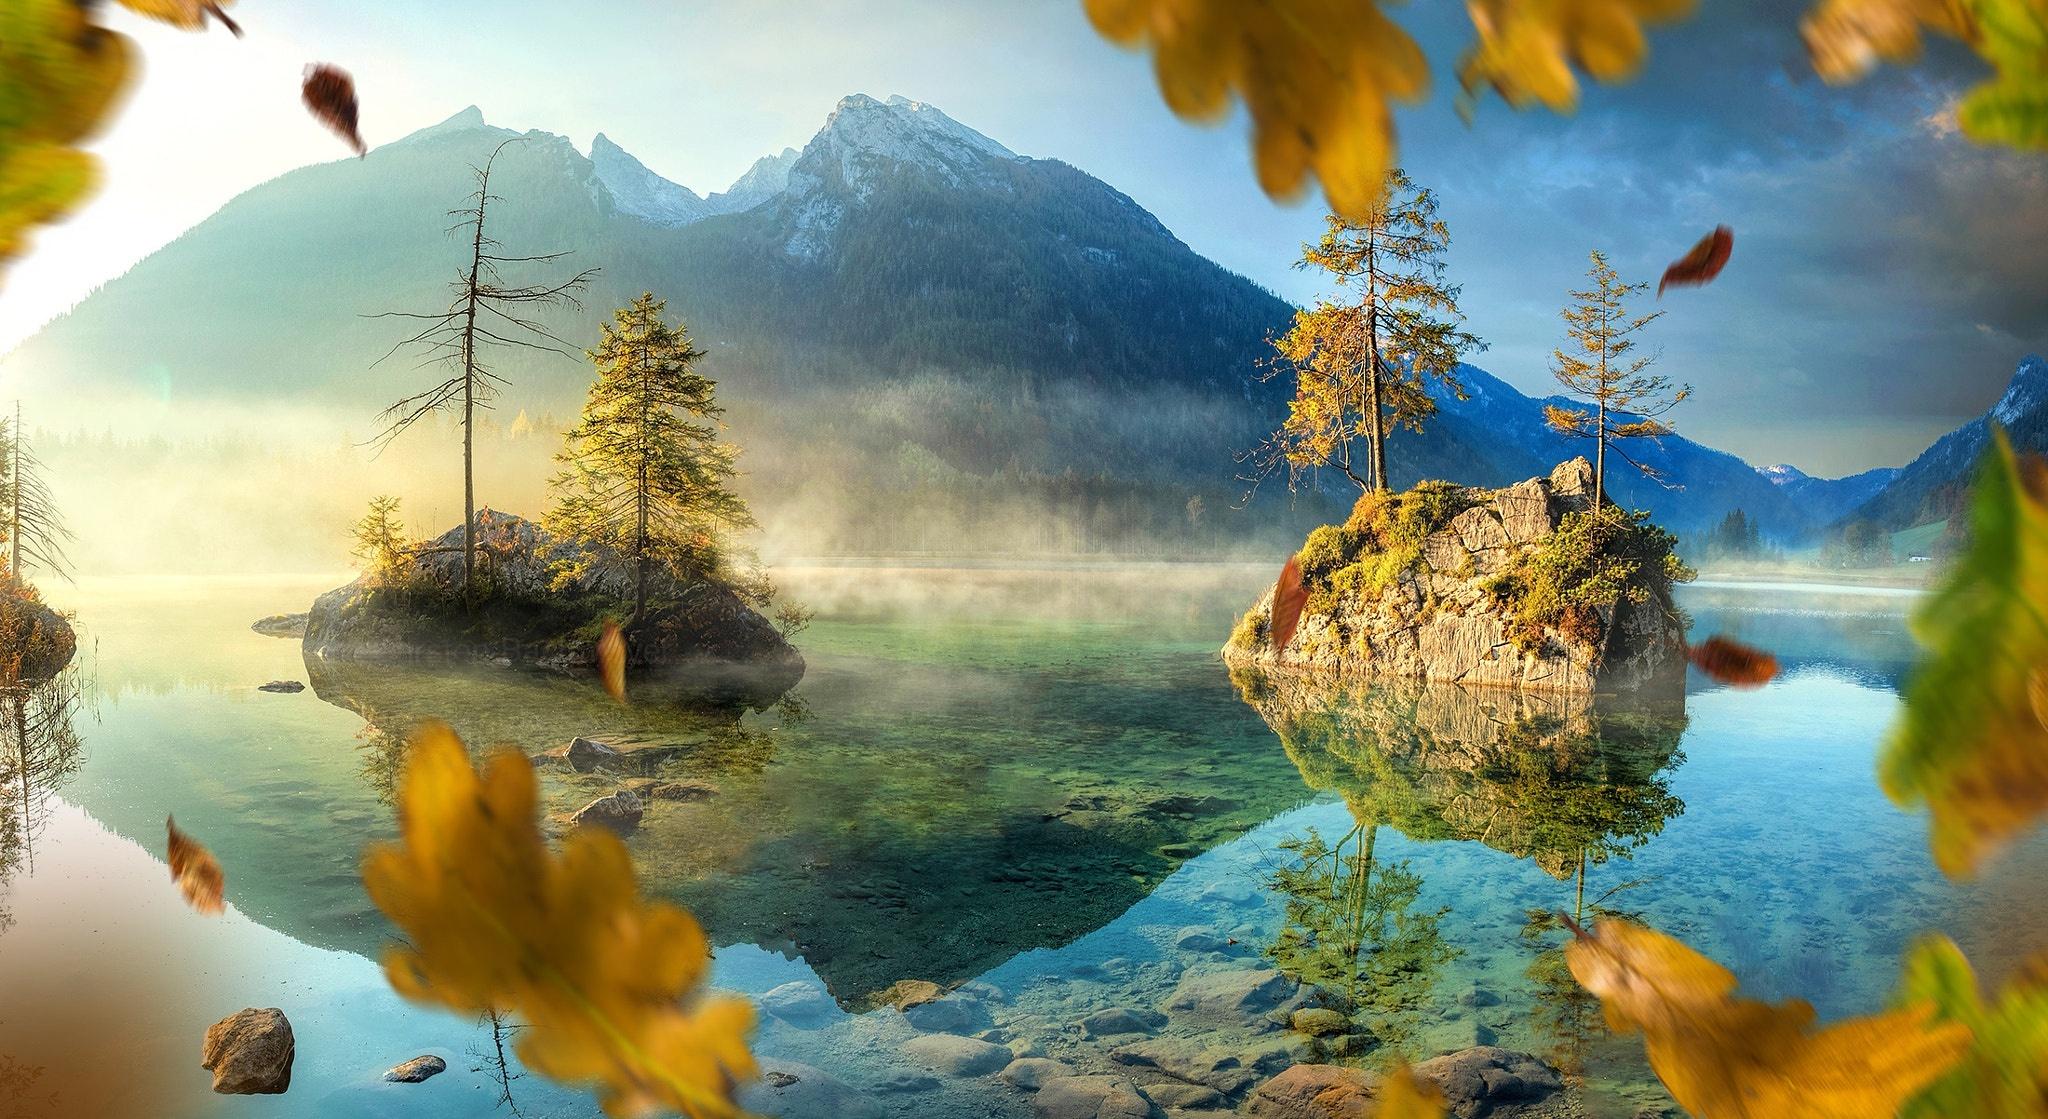 Картинка: Озеро, вода, горы, пейзаж, осень, листья